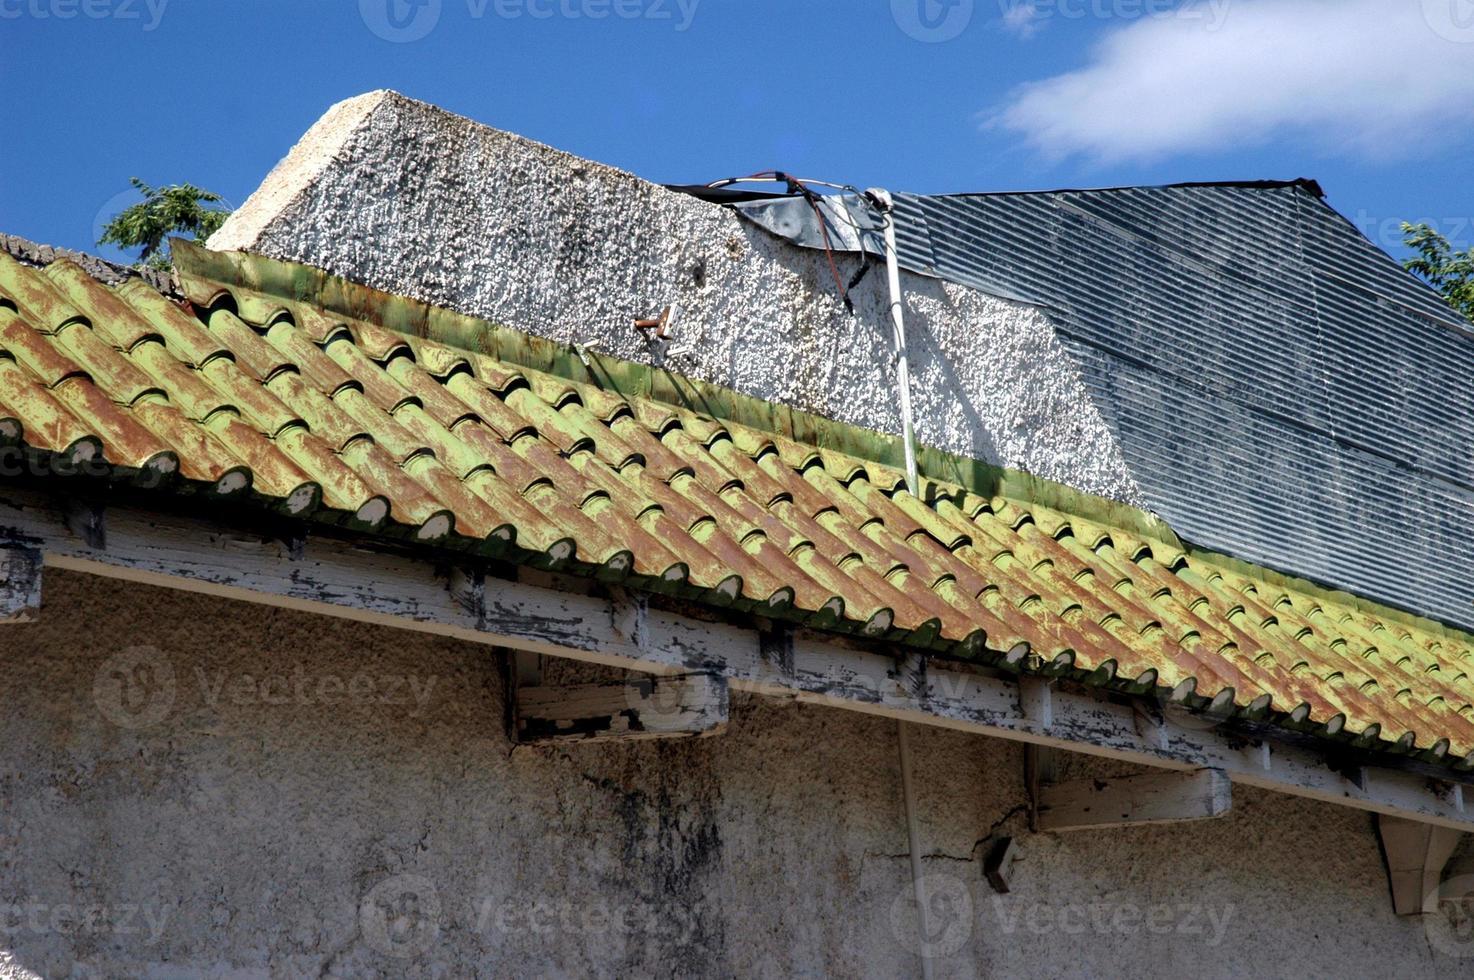 telhado de telha de metal velho foto